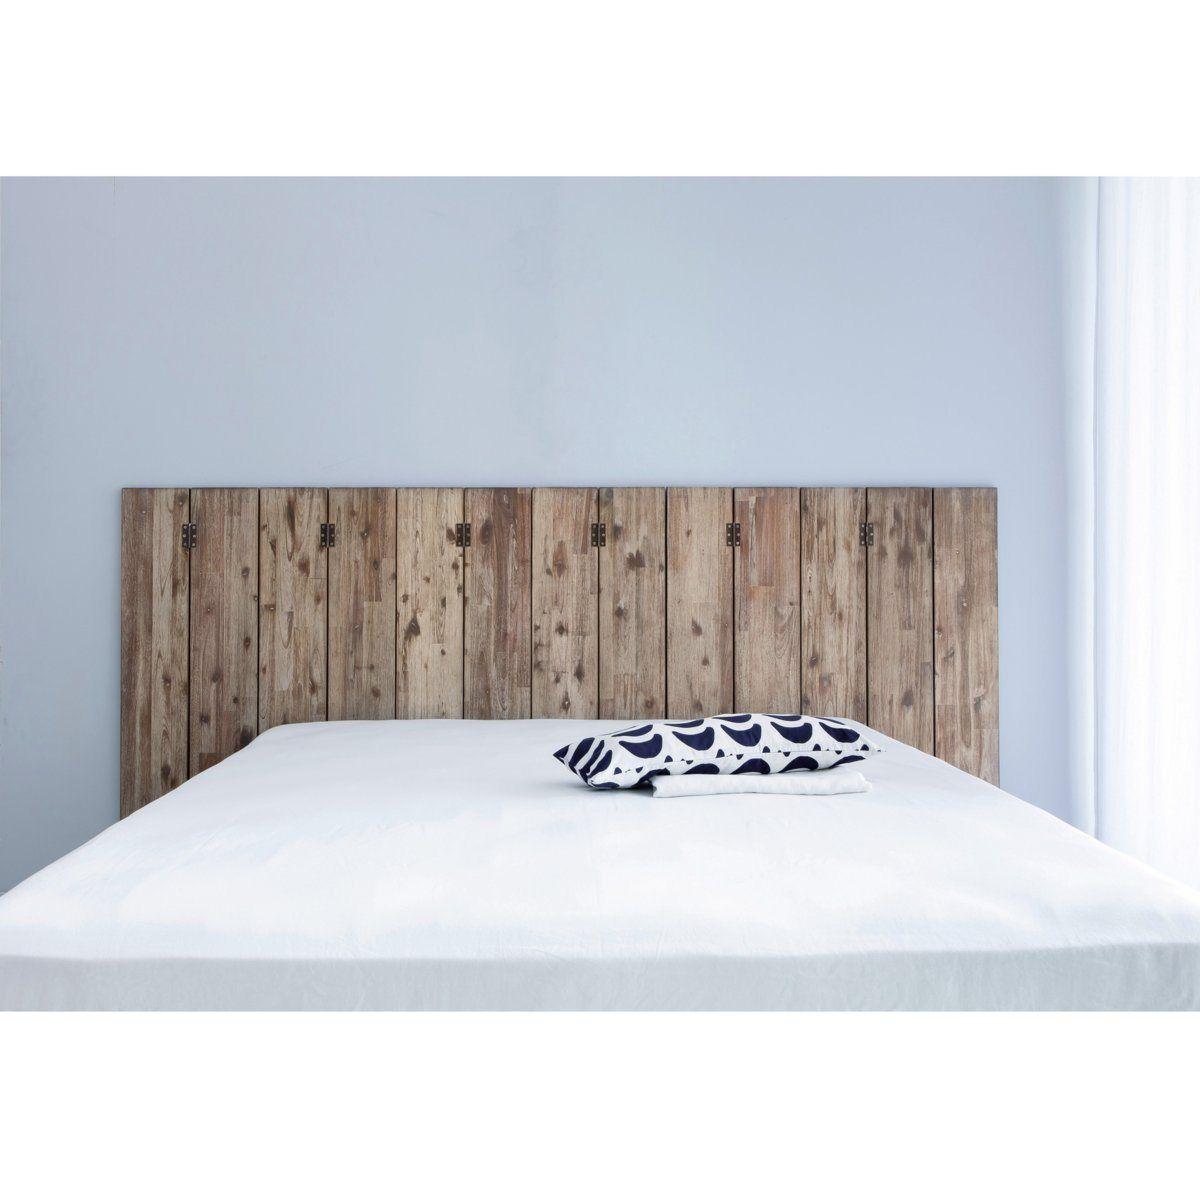 t te de lit paravent alam en manguier massif am pm la redoute projet rym e pinterest. Black Bedroom Furniture Sets. Home Design Ideas